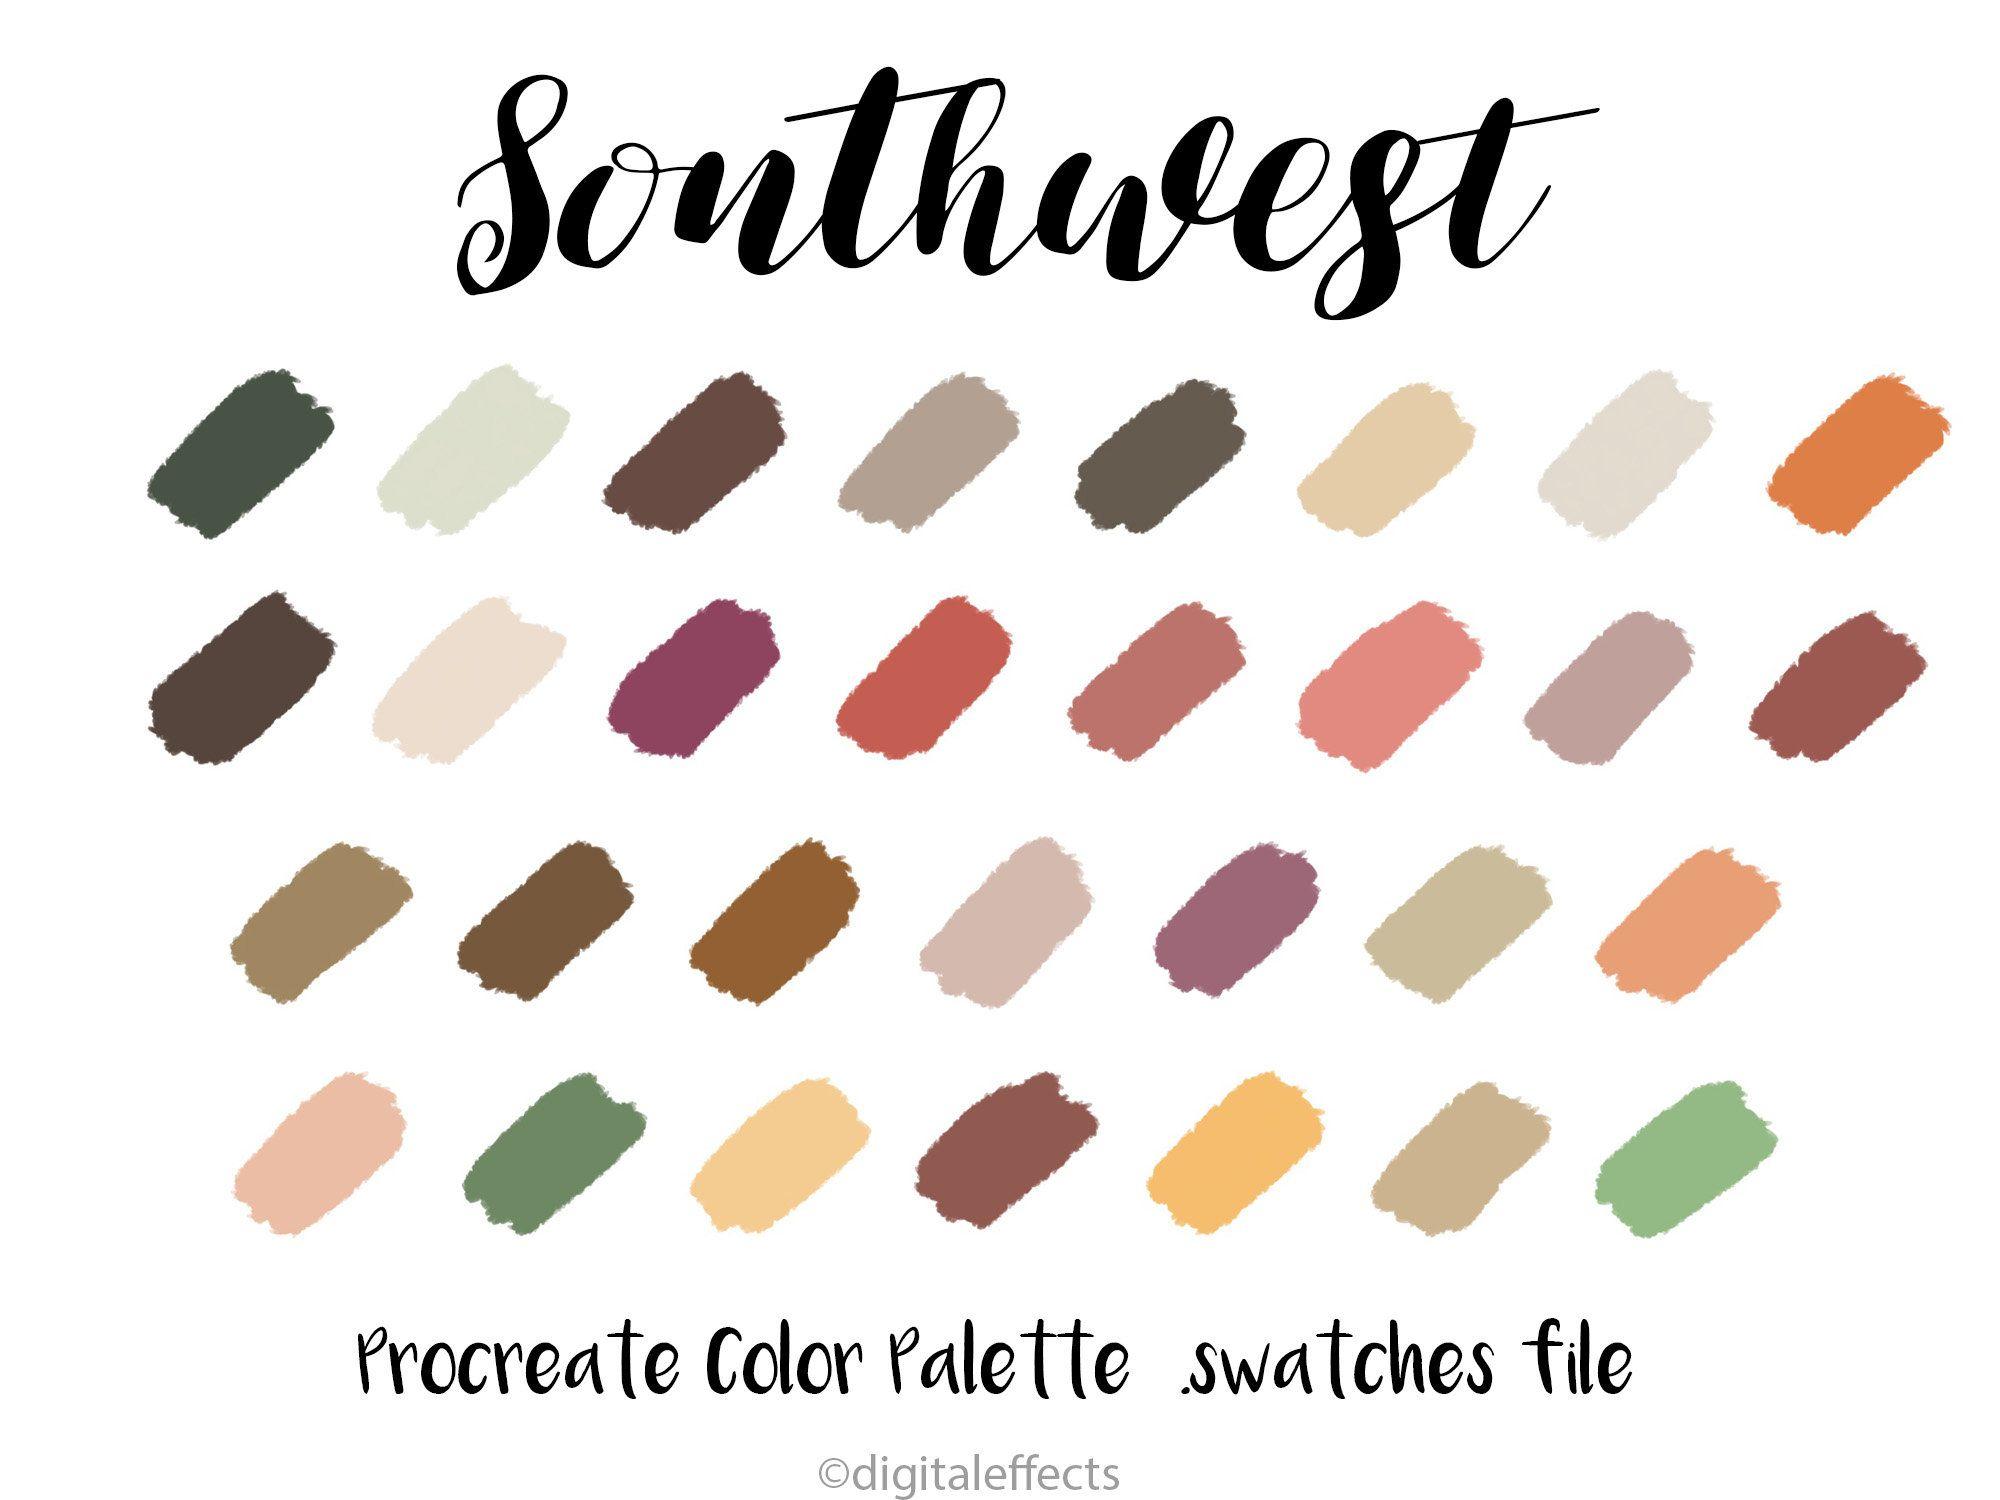 Southwest Procreate Palette Procreate Color Palette Procreate Swatches Color Swatches Fall Colors Neutral Colors Ipa Color Palette Color Swatches Palette